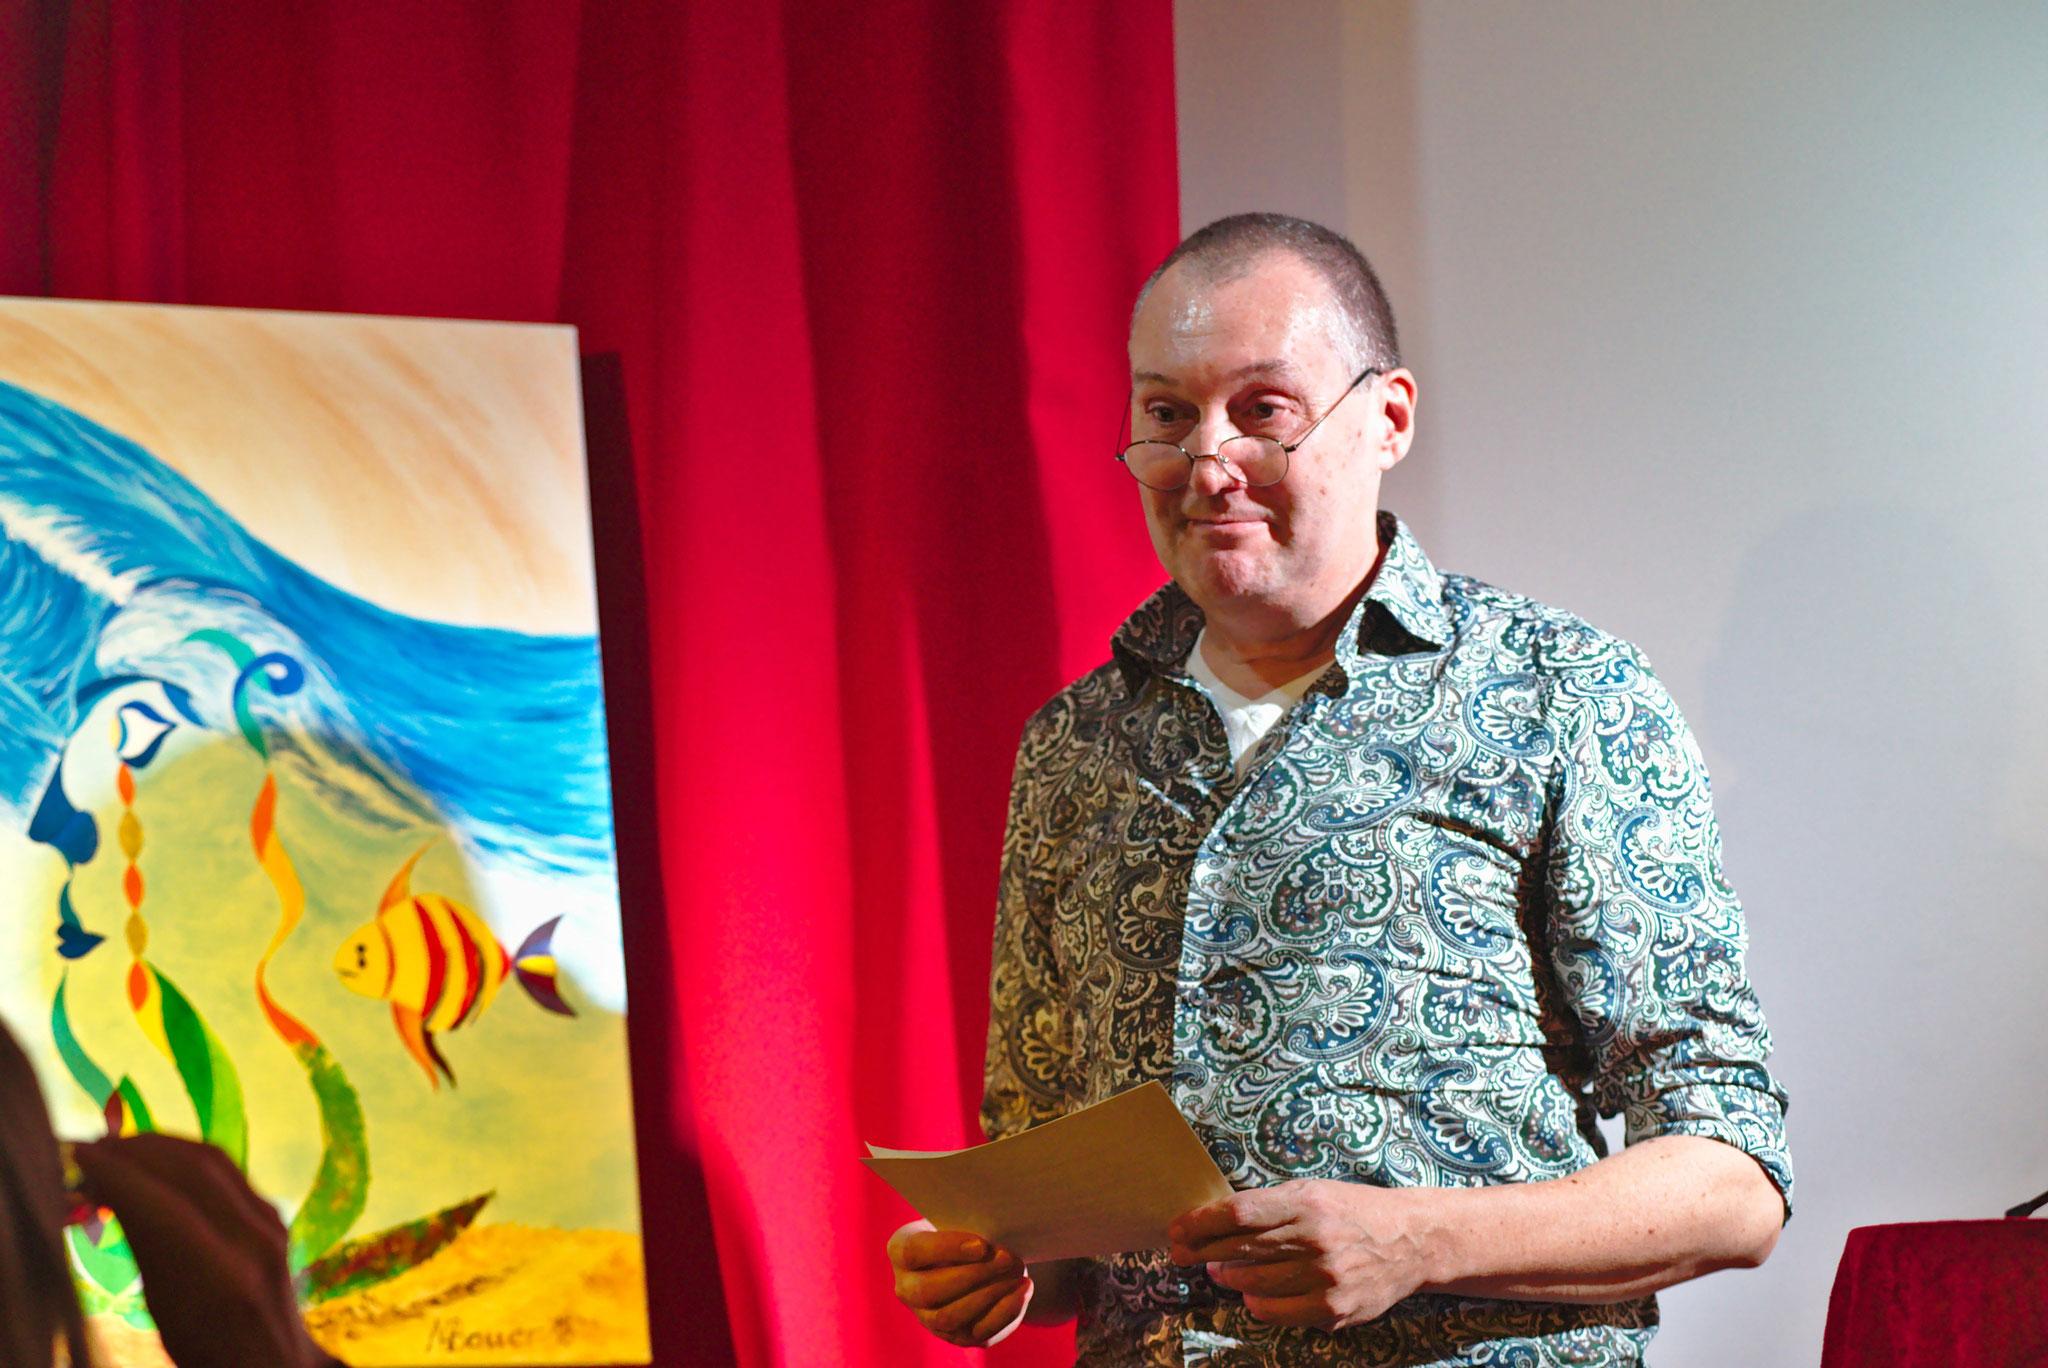 Max Bauer, Bildender Künstler